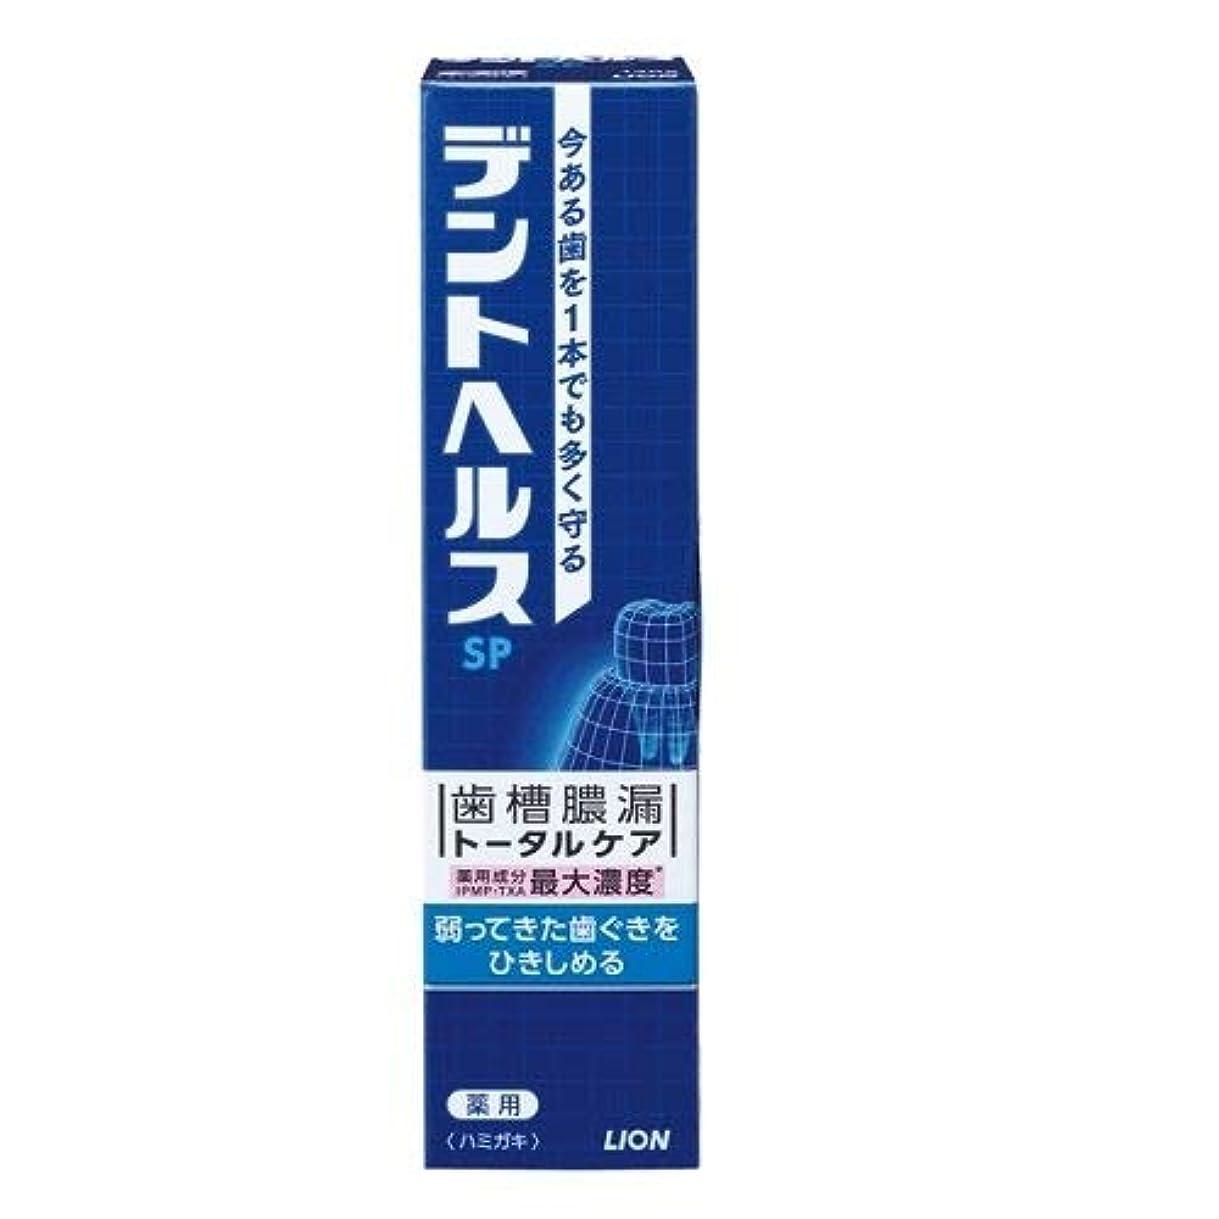 前任者心臓水銀のライオン デントヘルス 薬用ハミガキ SP 120g (医薬部外品)× 4